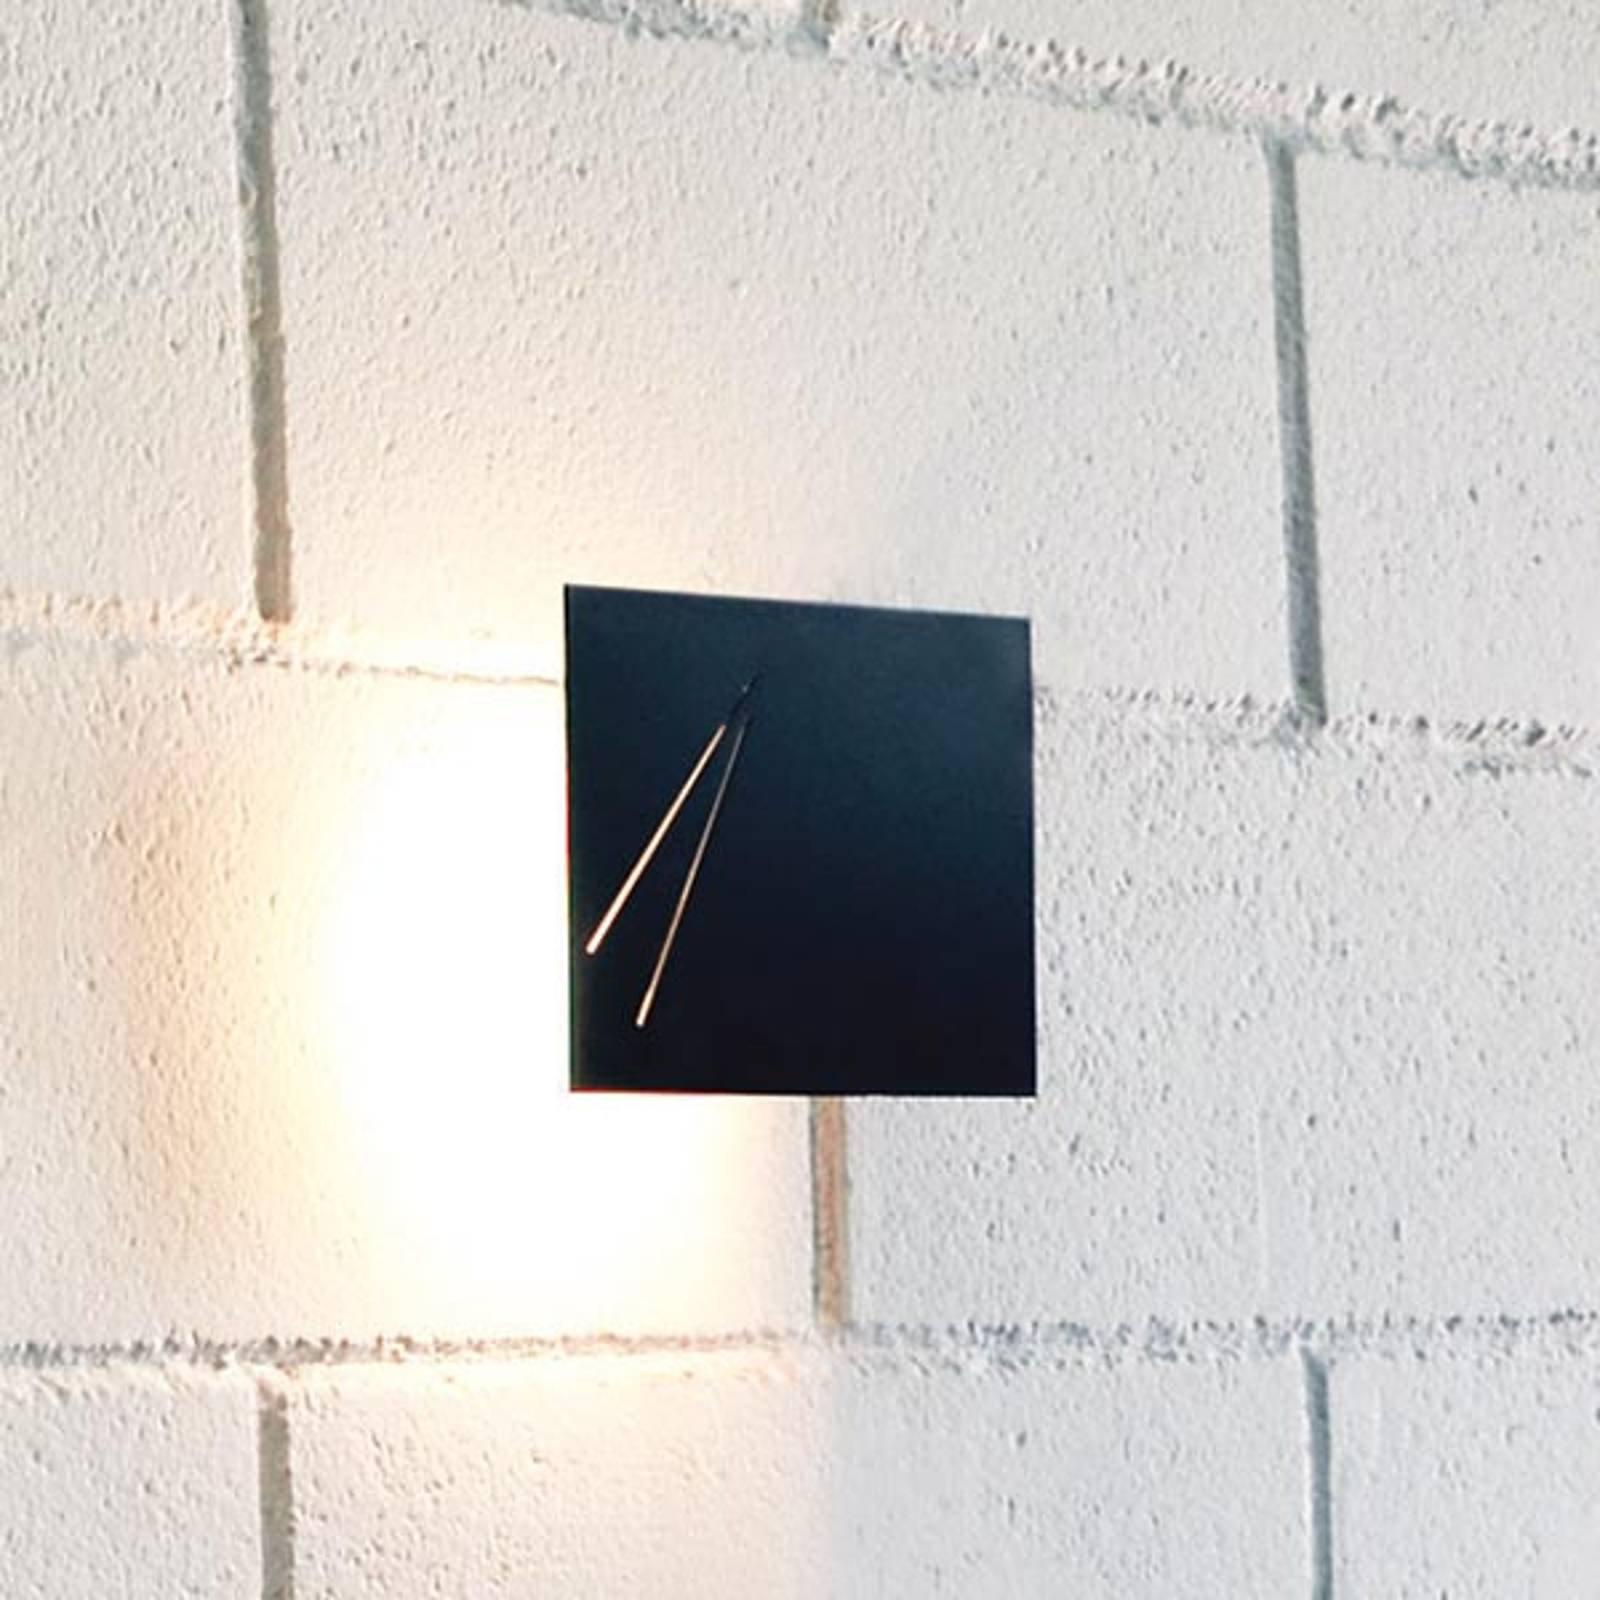 Knikerboker Des.agn - designer-vegglampe, svart